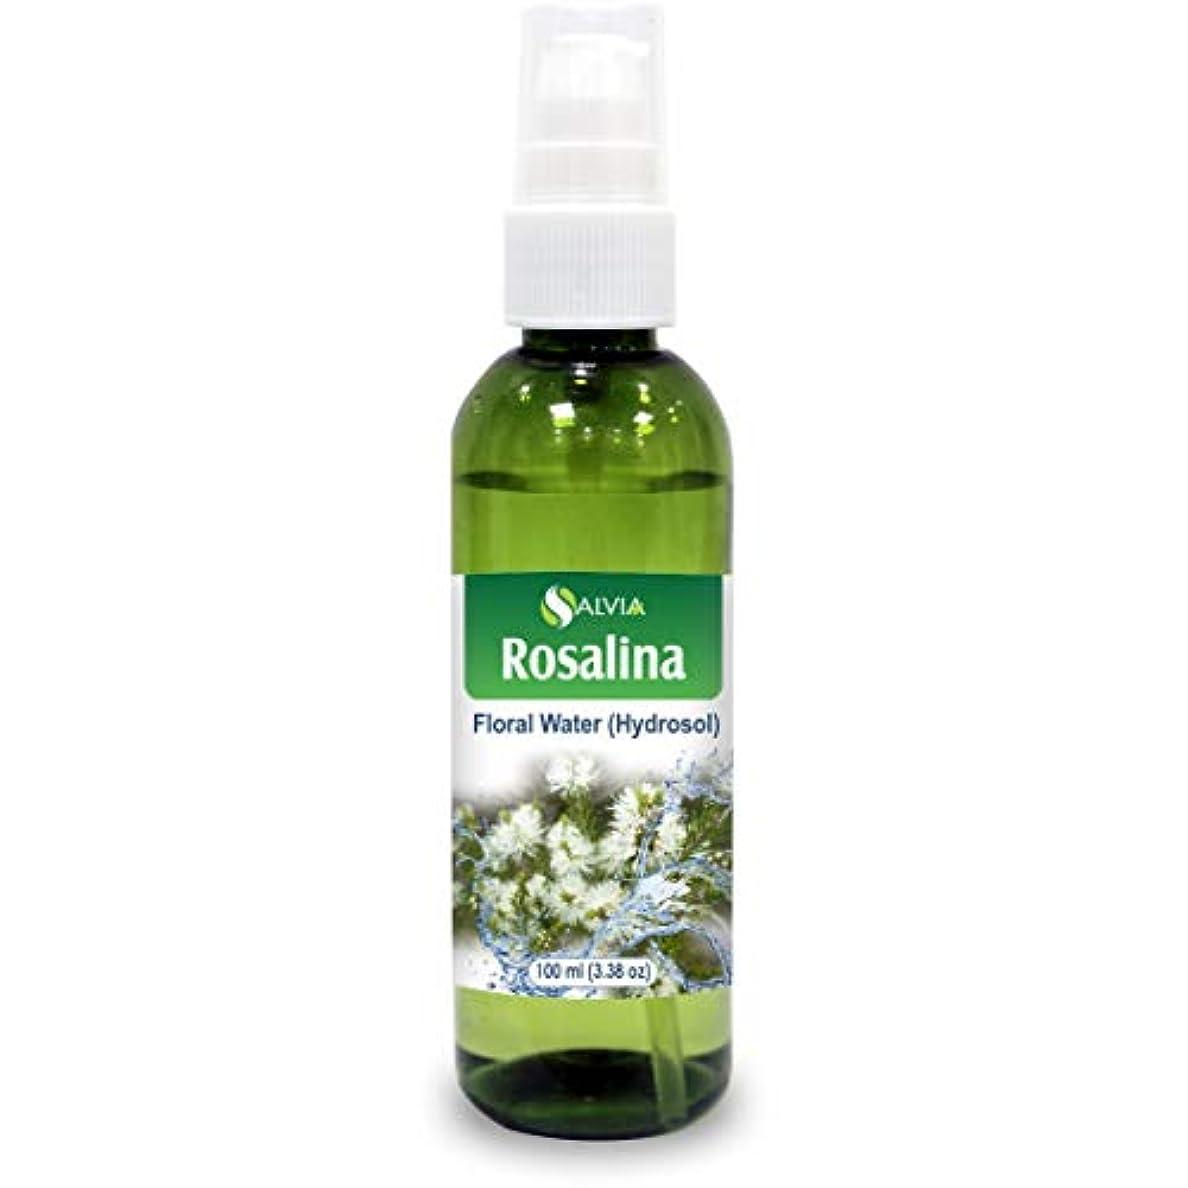 式免疫引き付けるRosalina Oil Floral Water 100ml (Hydrosol) 100% Pure And Natural